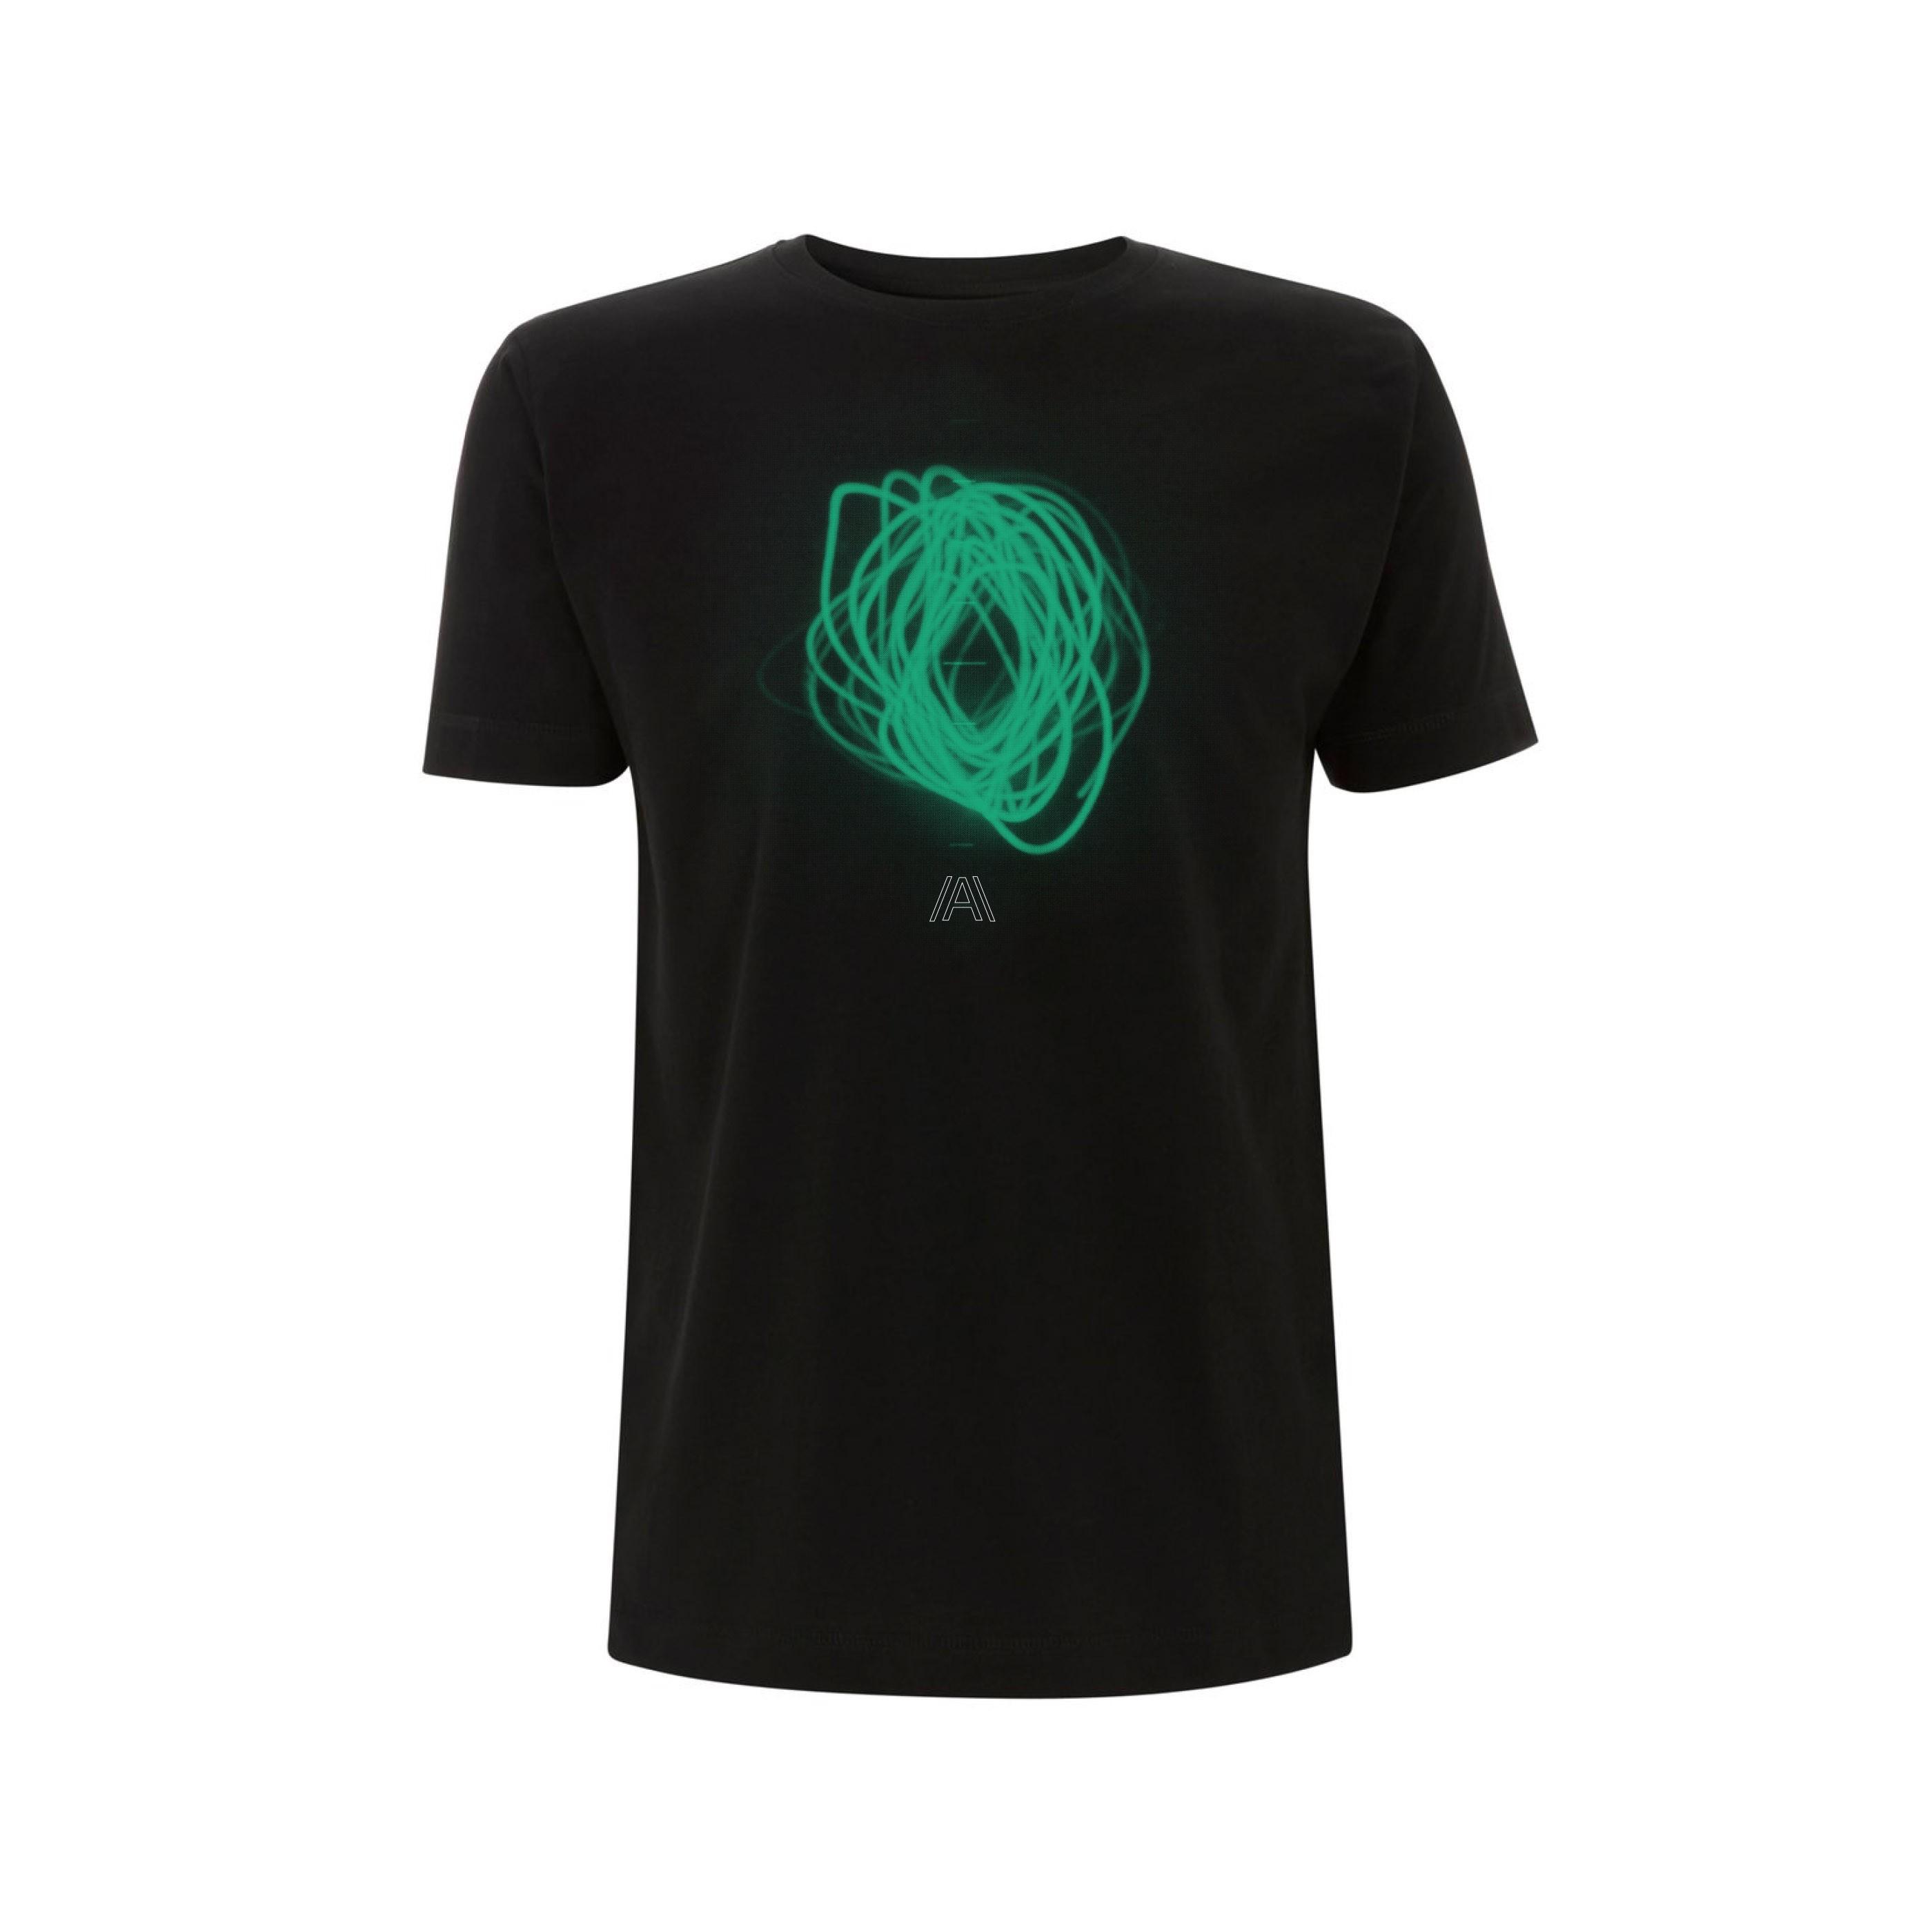 /A\ – T-Shirt Album Artwork